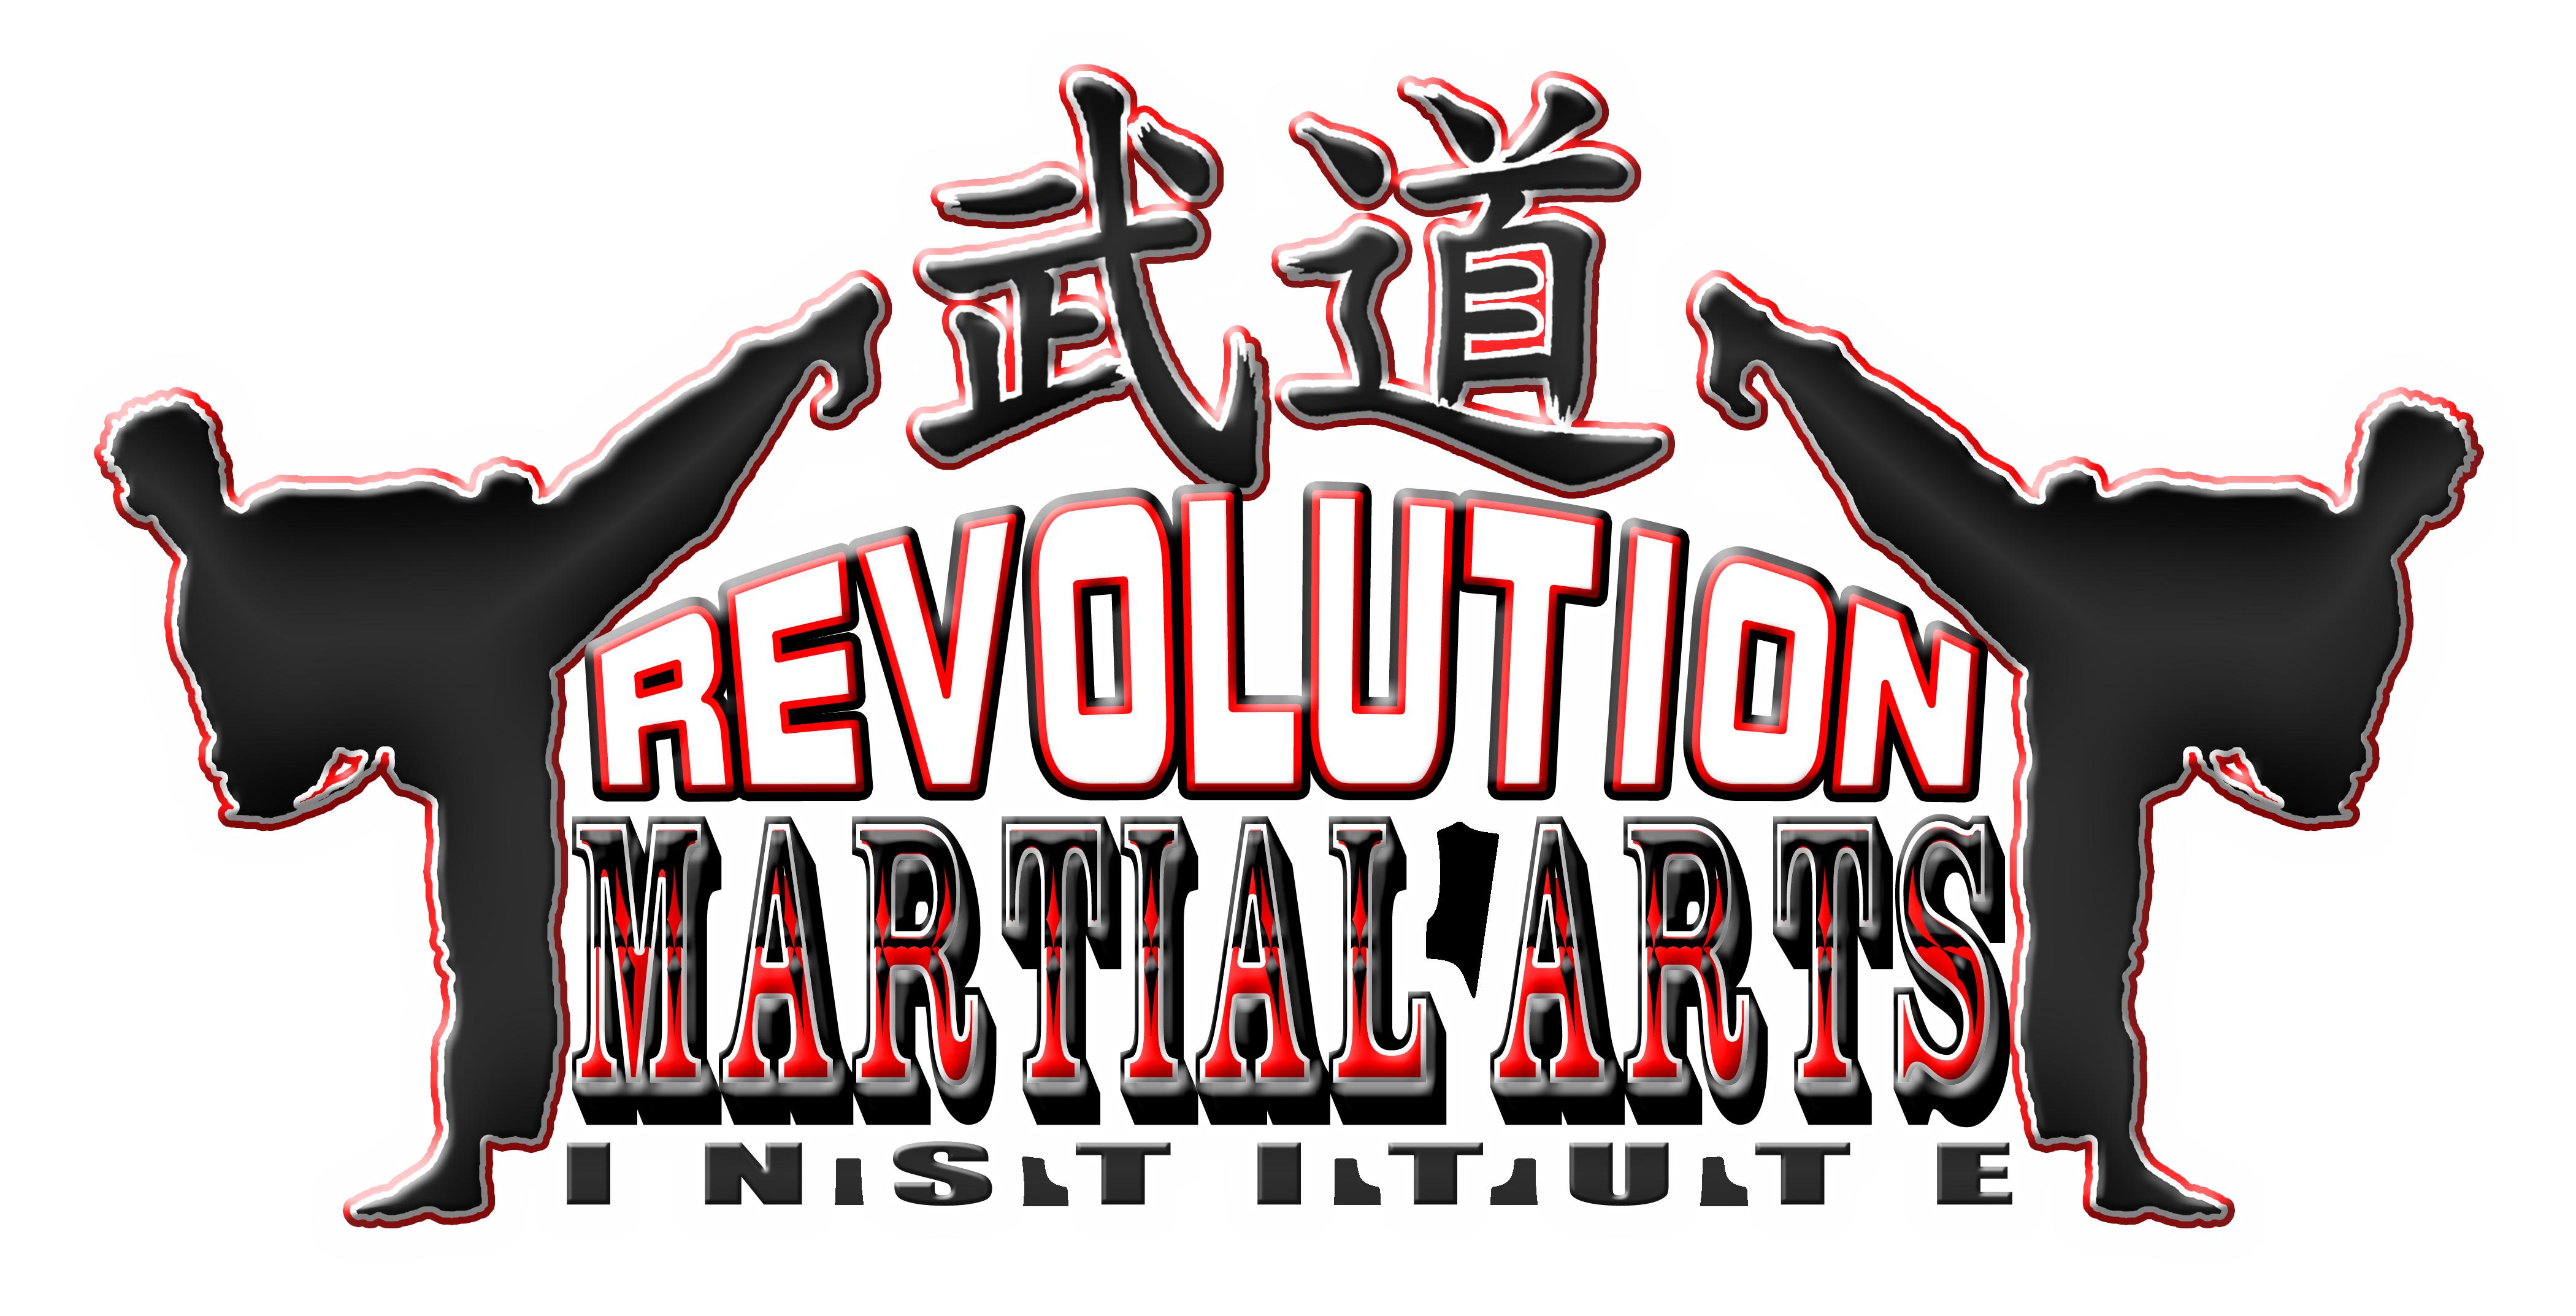 Revolution Martial Arts Institute